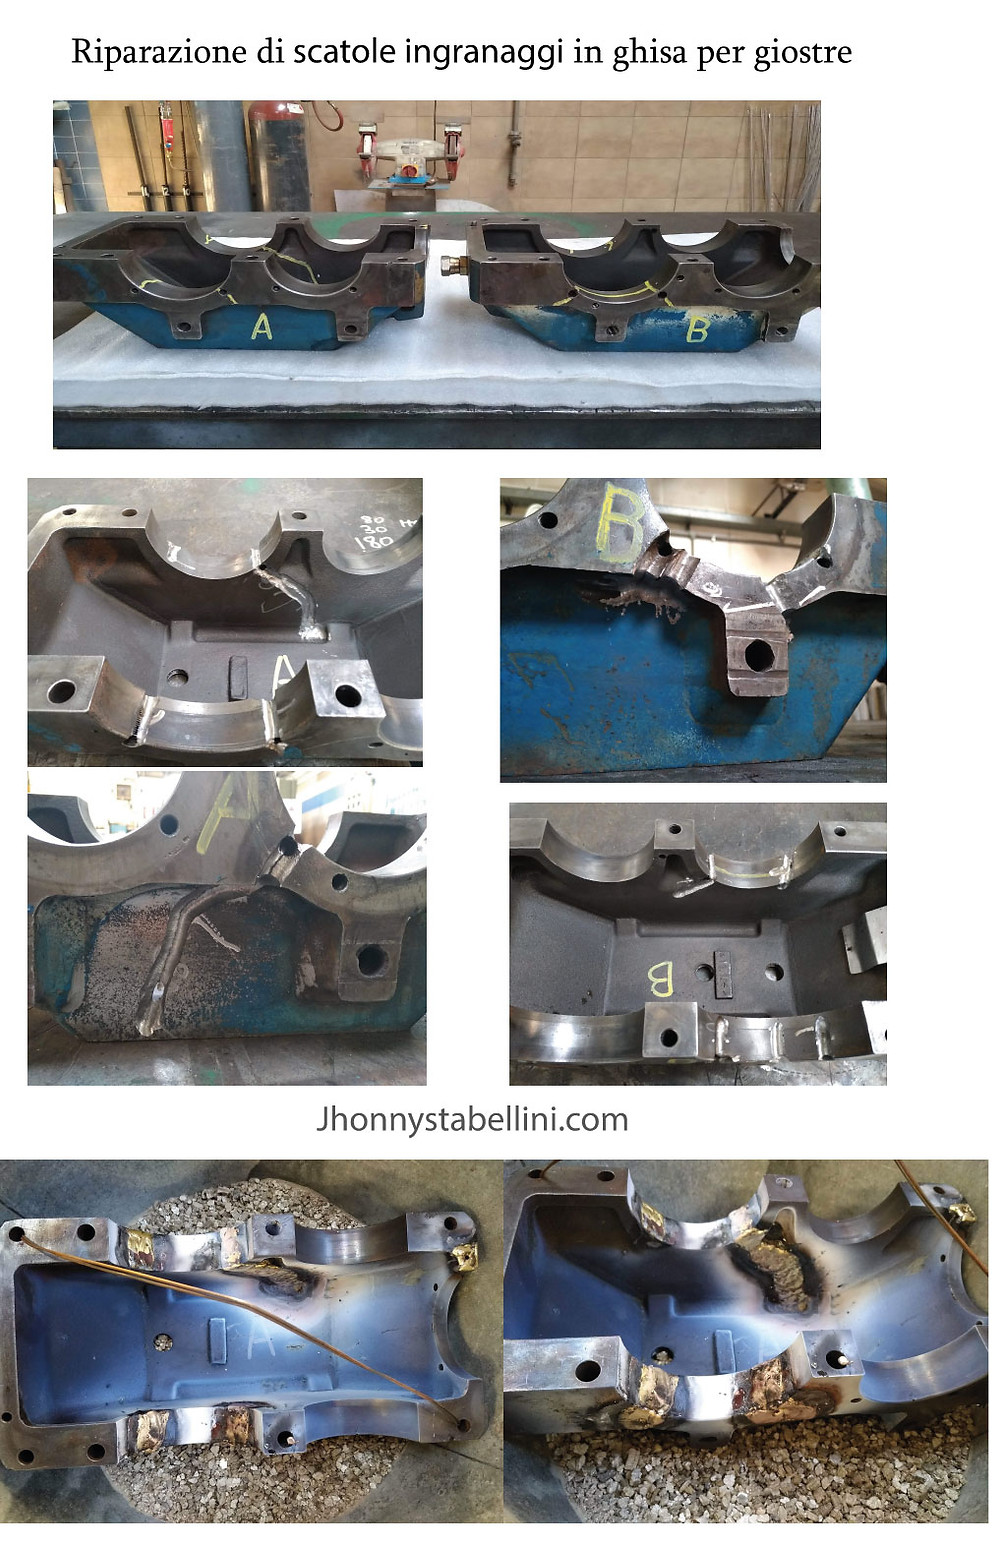 Riparazione di scatole ingranaggi in ghisa per giostre tramite saldatura ossiacetilenica con lega di ottone